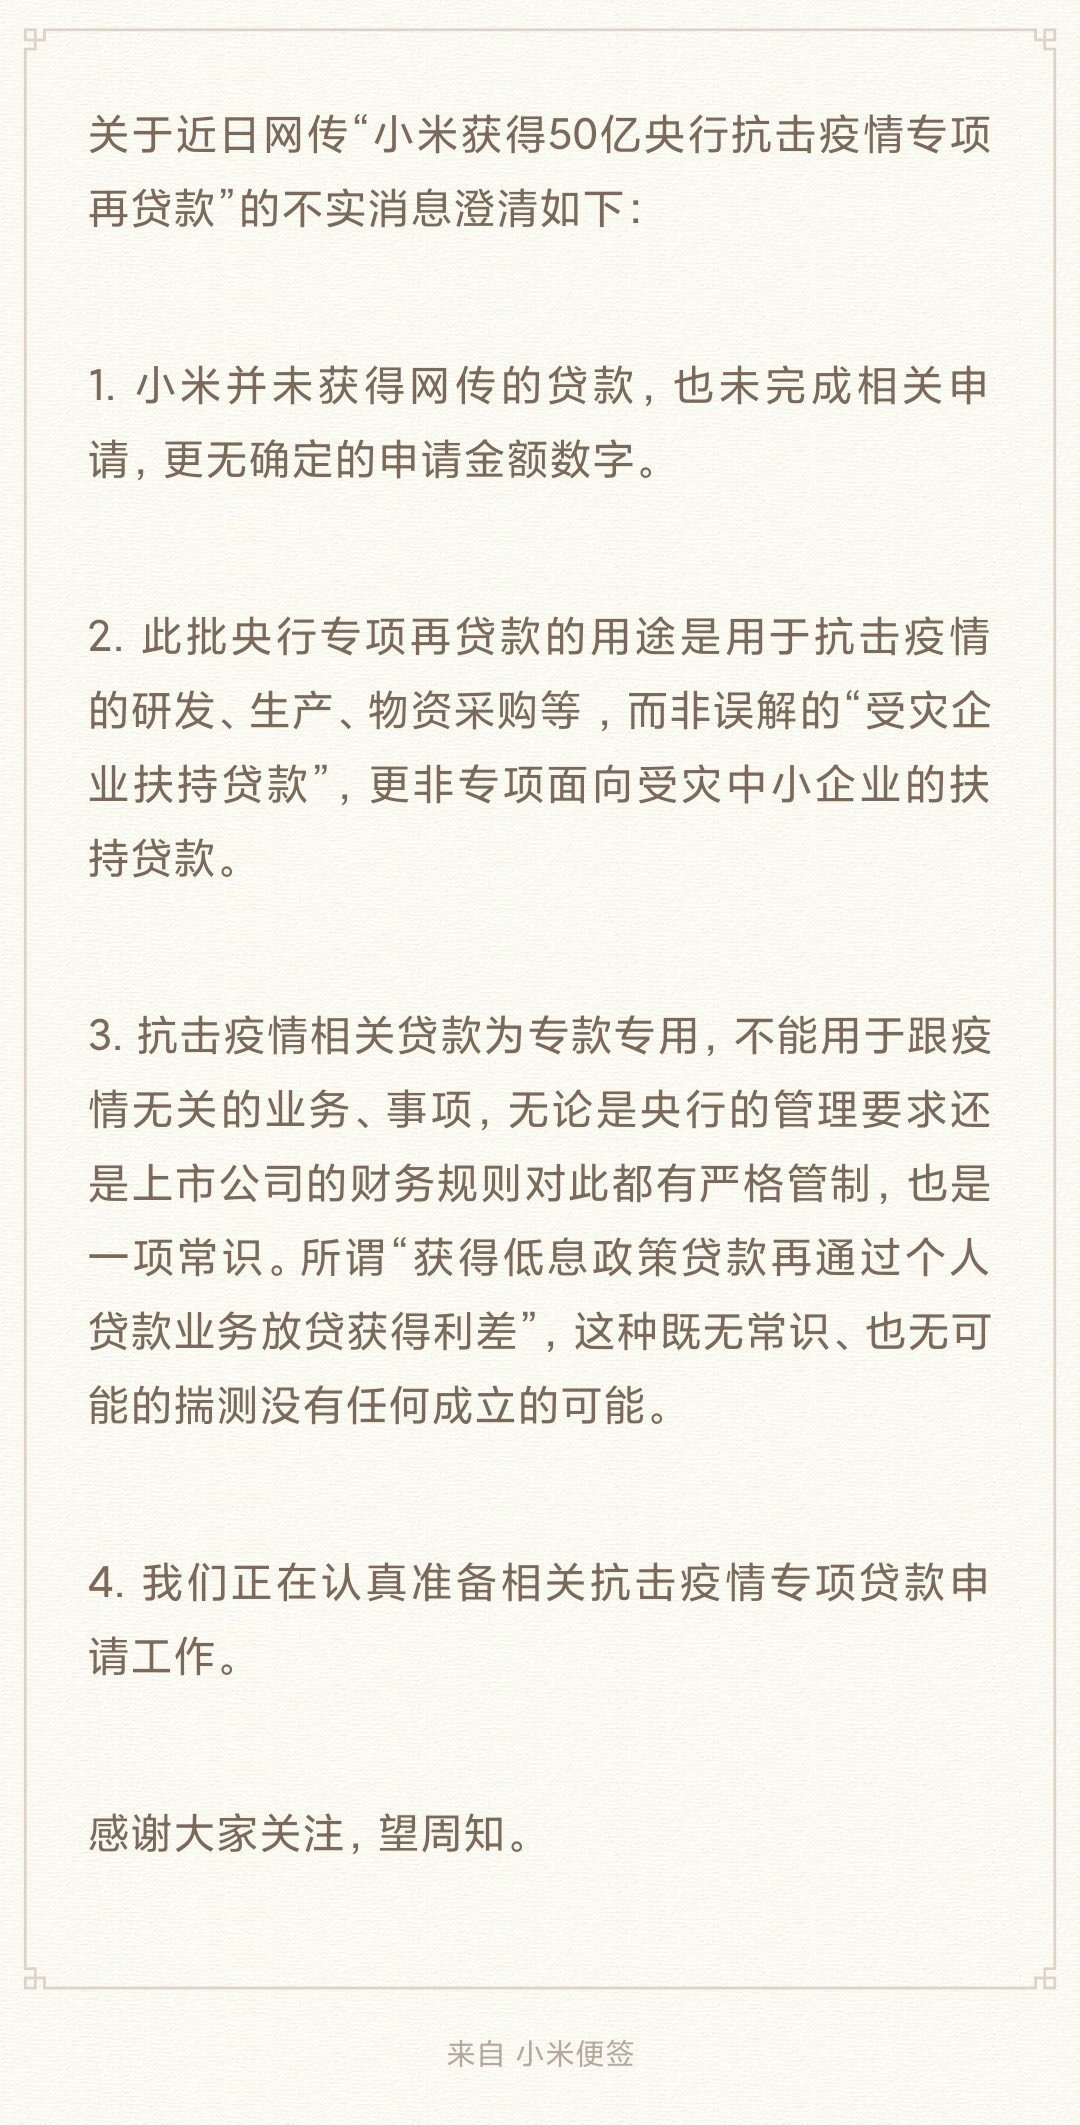 小米、美团回应央行再贷款传言:未获得也未完成相关申请